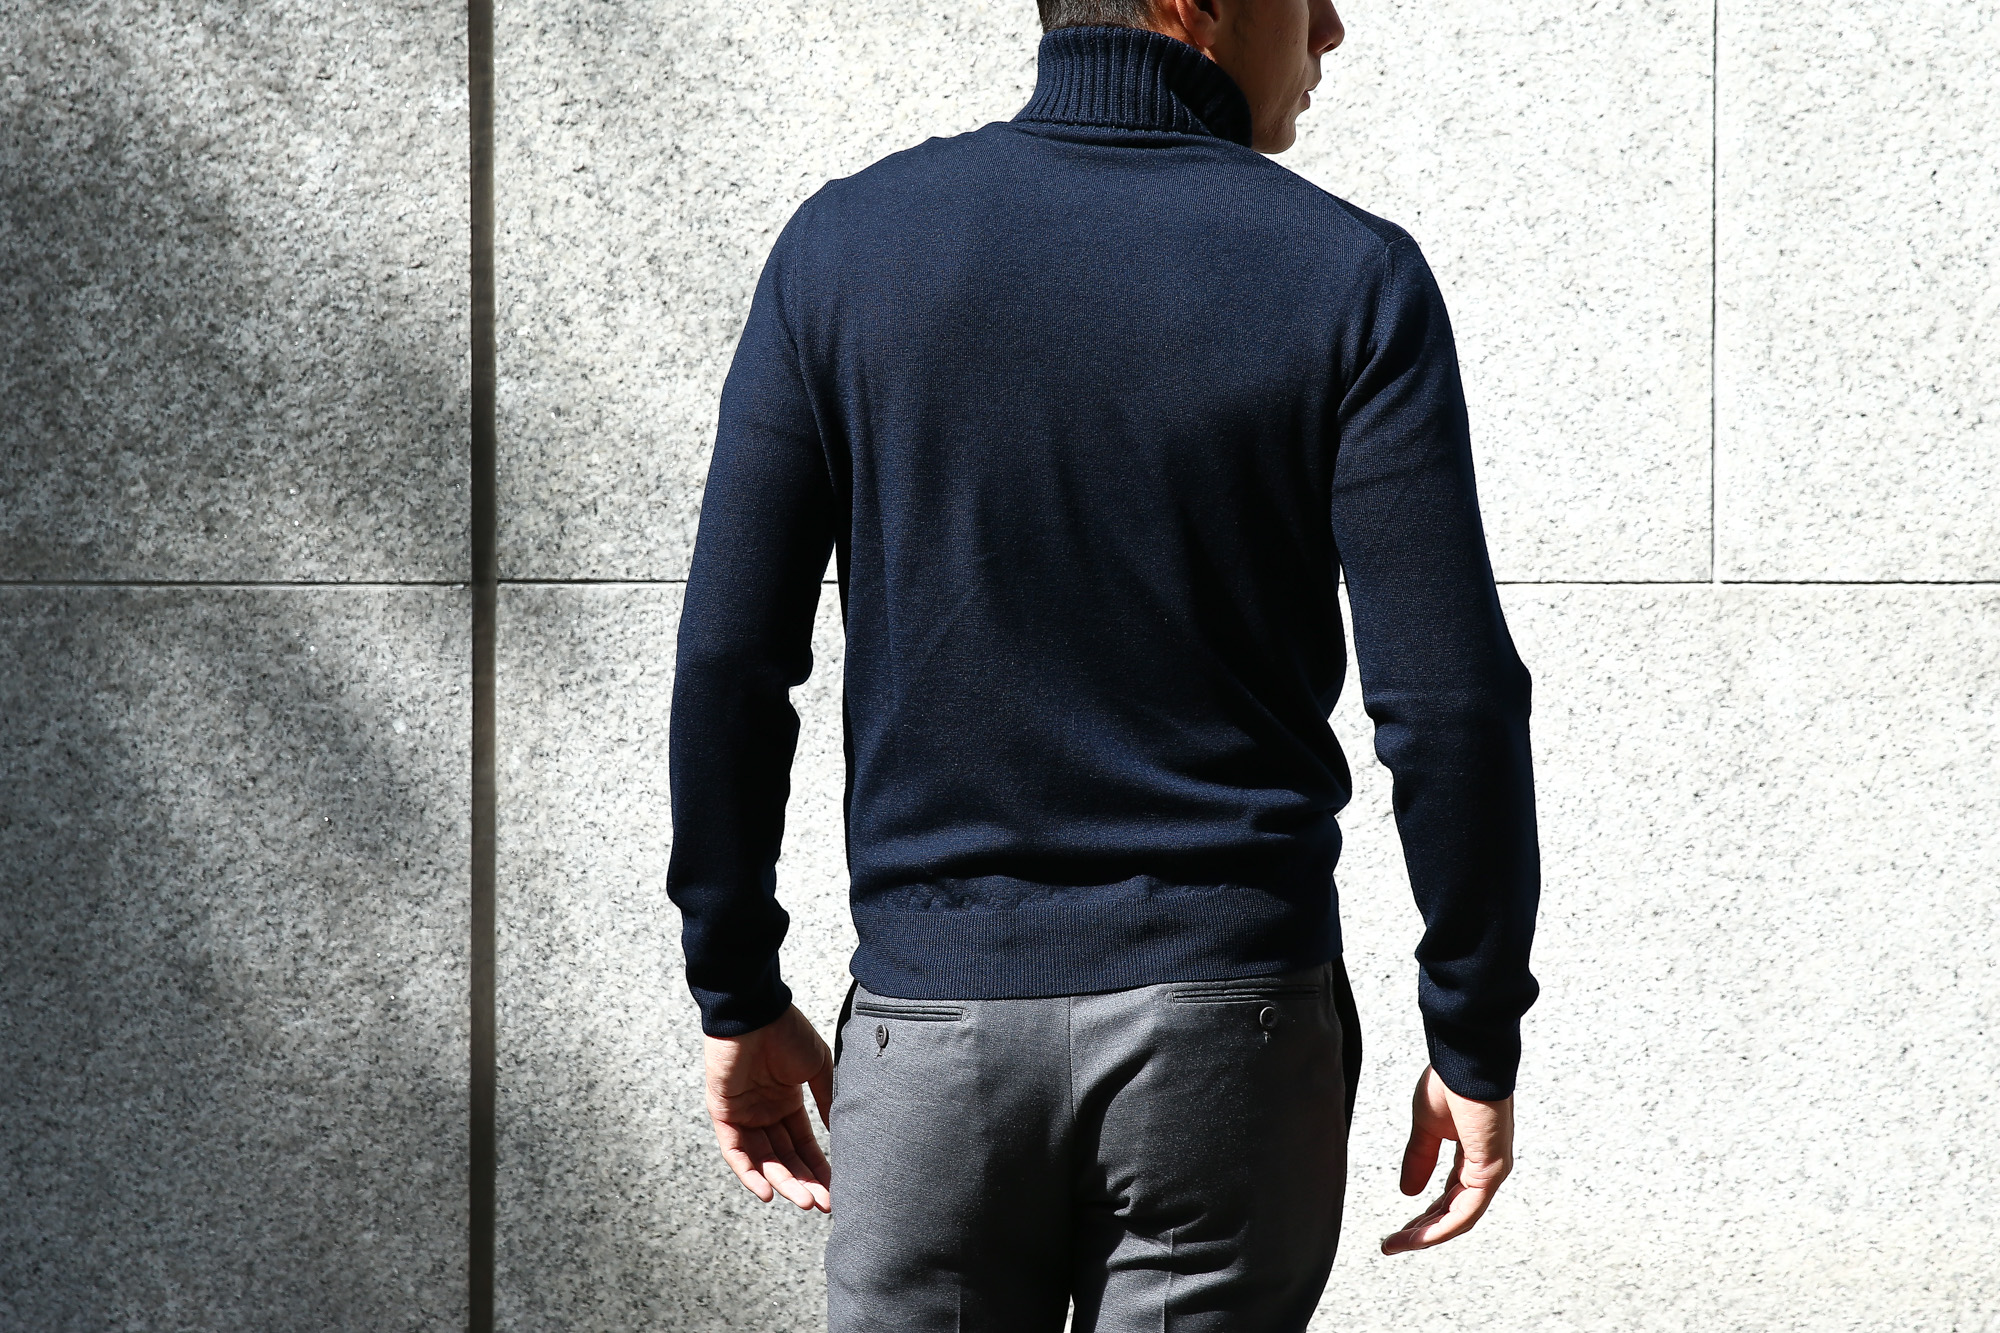 【Cruciani / クルチアーニ】 Turtle Neck Sweater (タートルネックセーター) WOOL 100% 27ゲージ&9ゲージ ハイゲージウールニット セーター NAVY (ネイビー・8800) made in italy (イタリア製) 2017 秋冬新作 cruciani クルチアーニ 愛知 名古屋 タートルネック